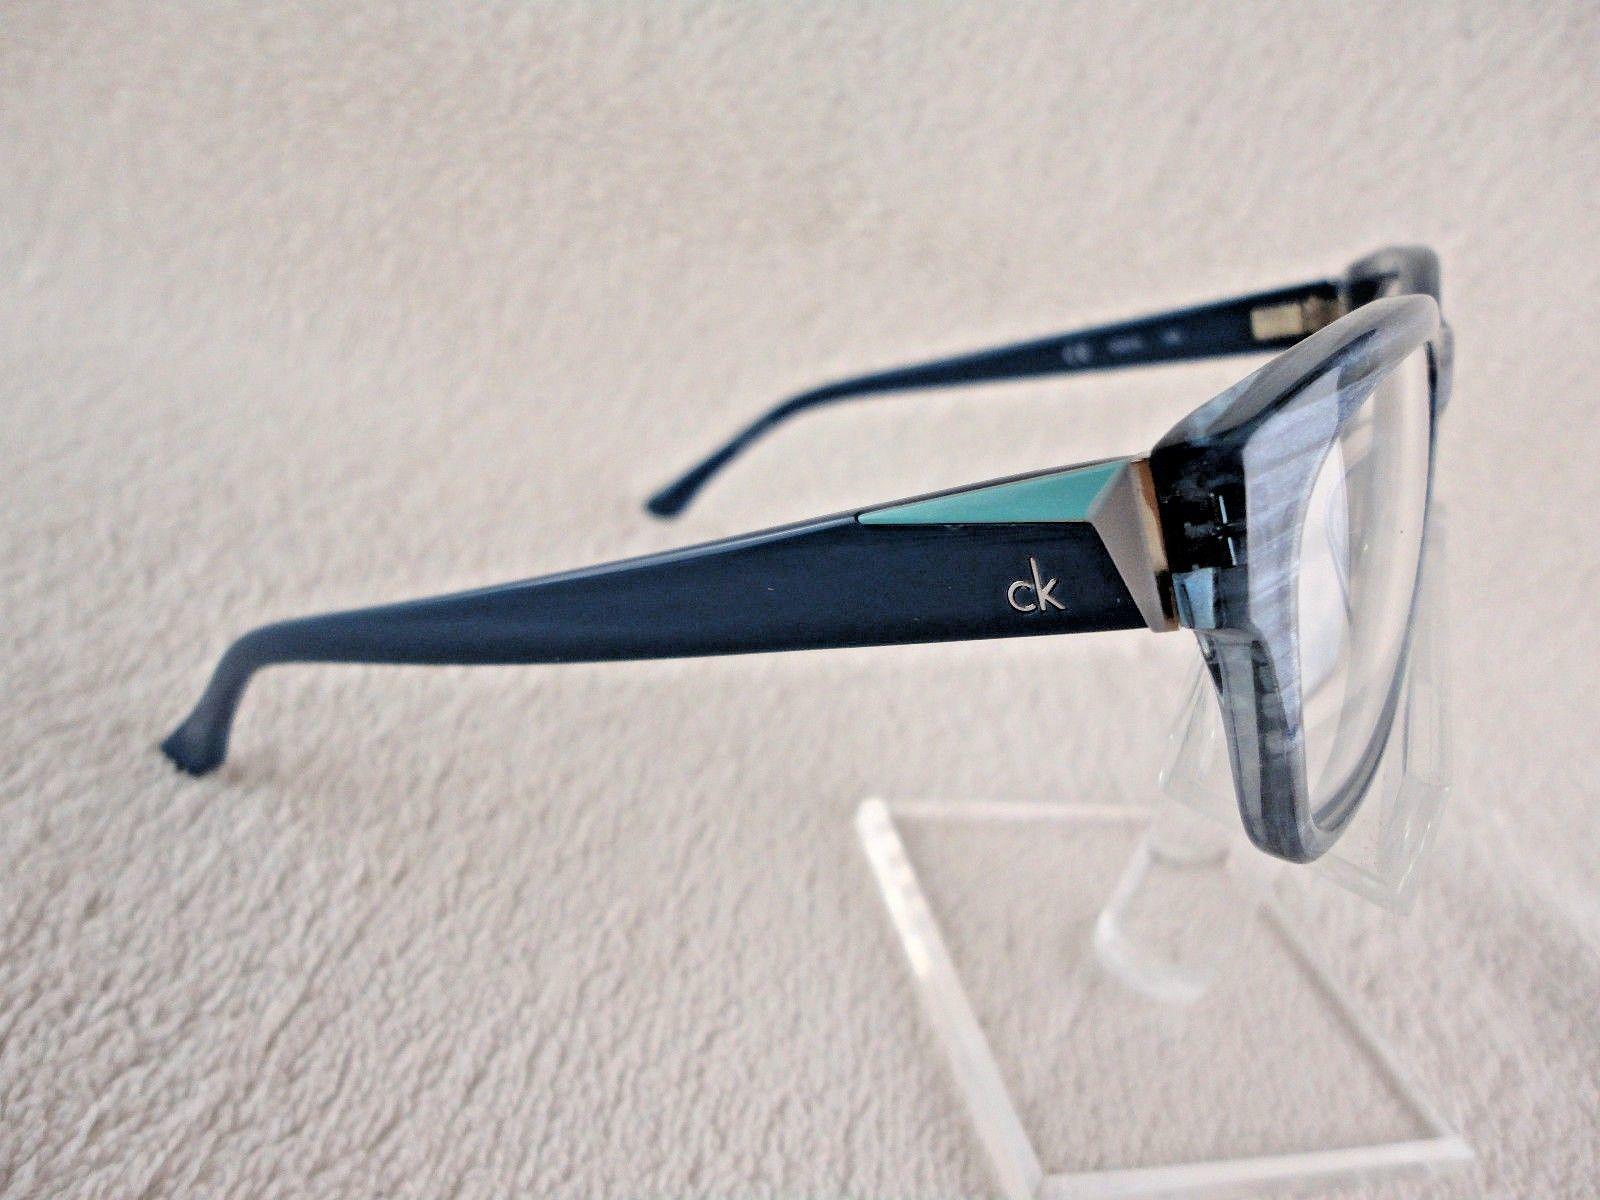 Calvin Klein Ck 5835 (280) Azure Silk 53 X 16 135 mm Eyeglass Frame